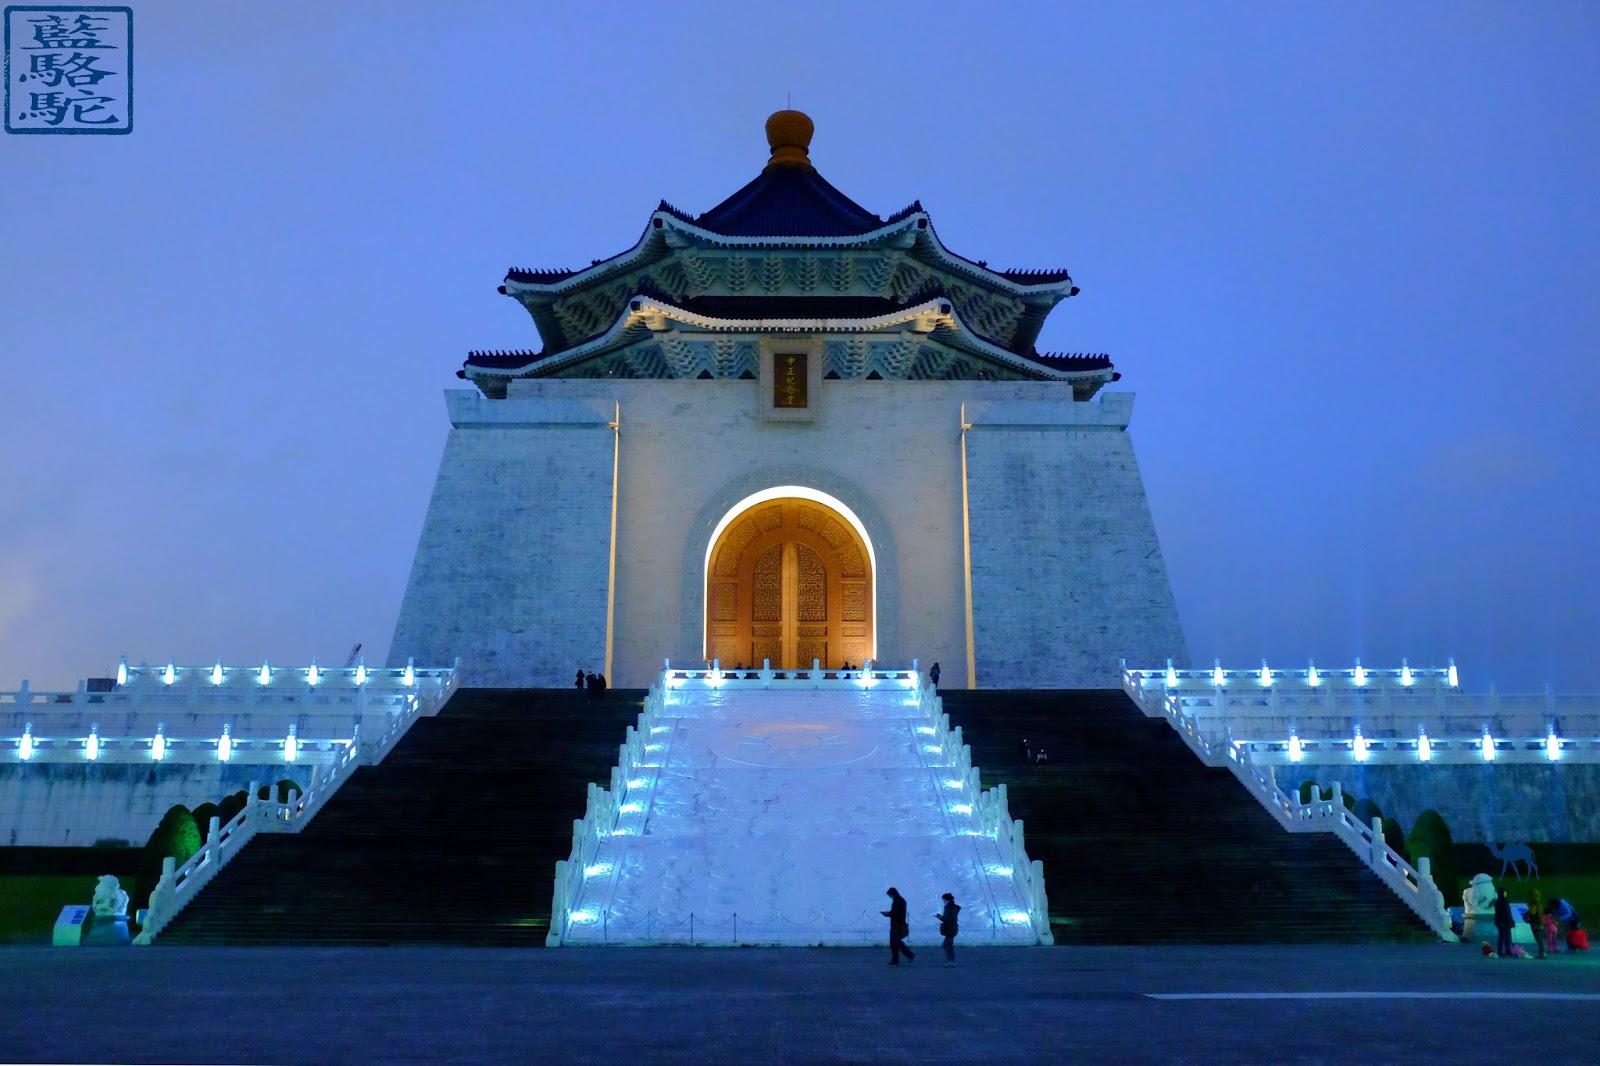 Le Chameau Bleu - Chiang Kaï-Chek Memorial Hall à taipei Taiwan